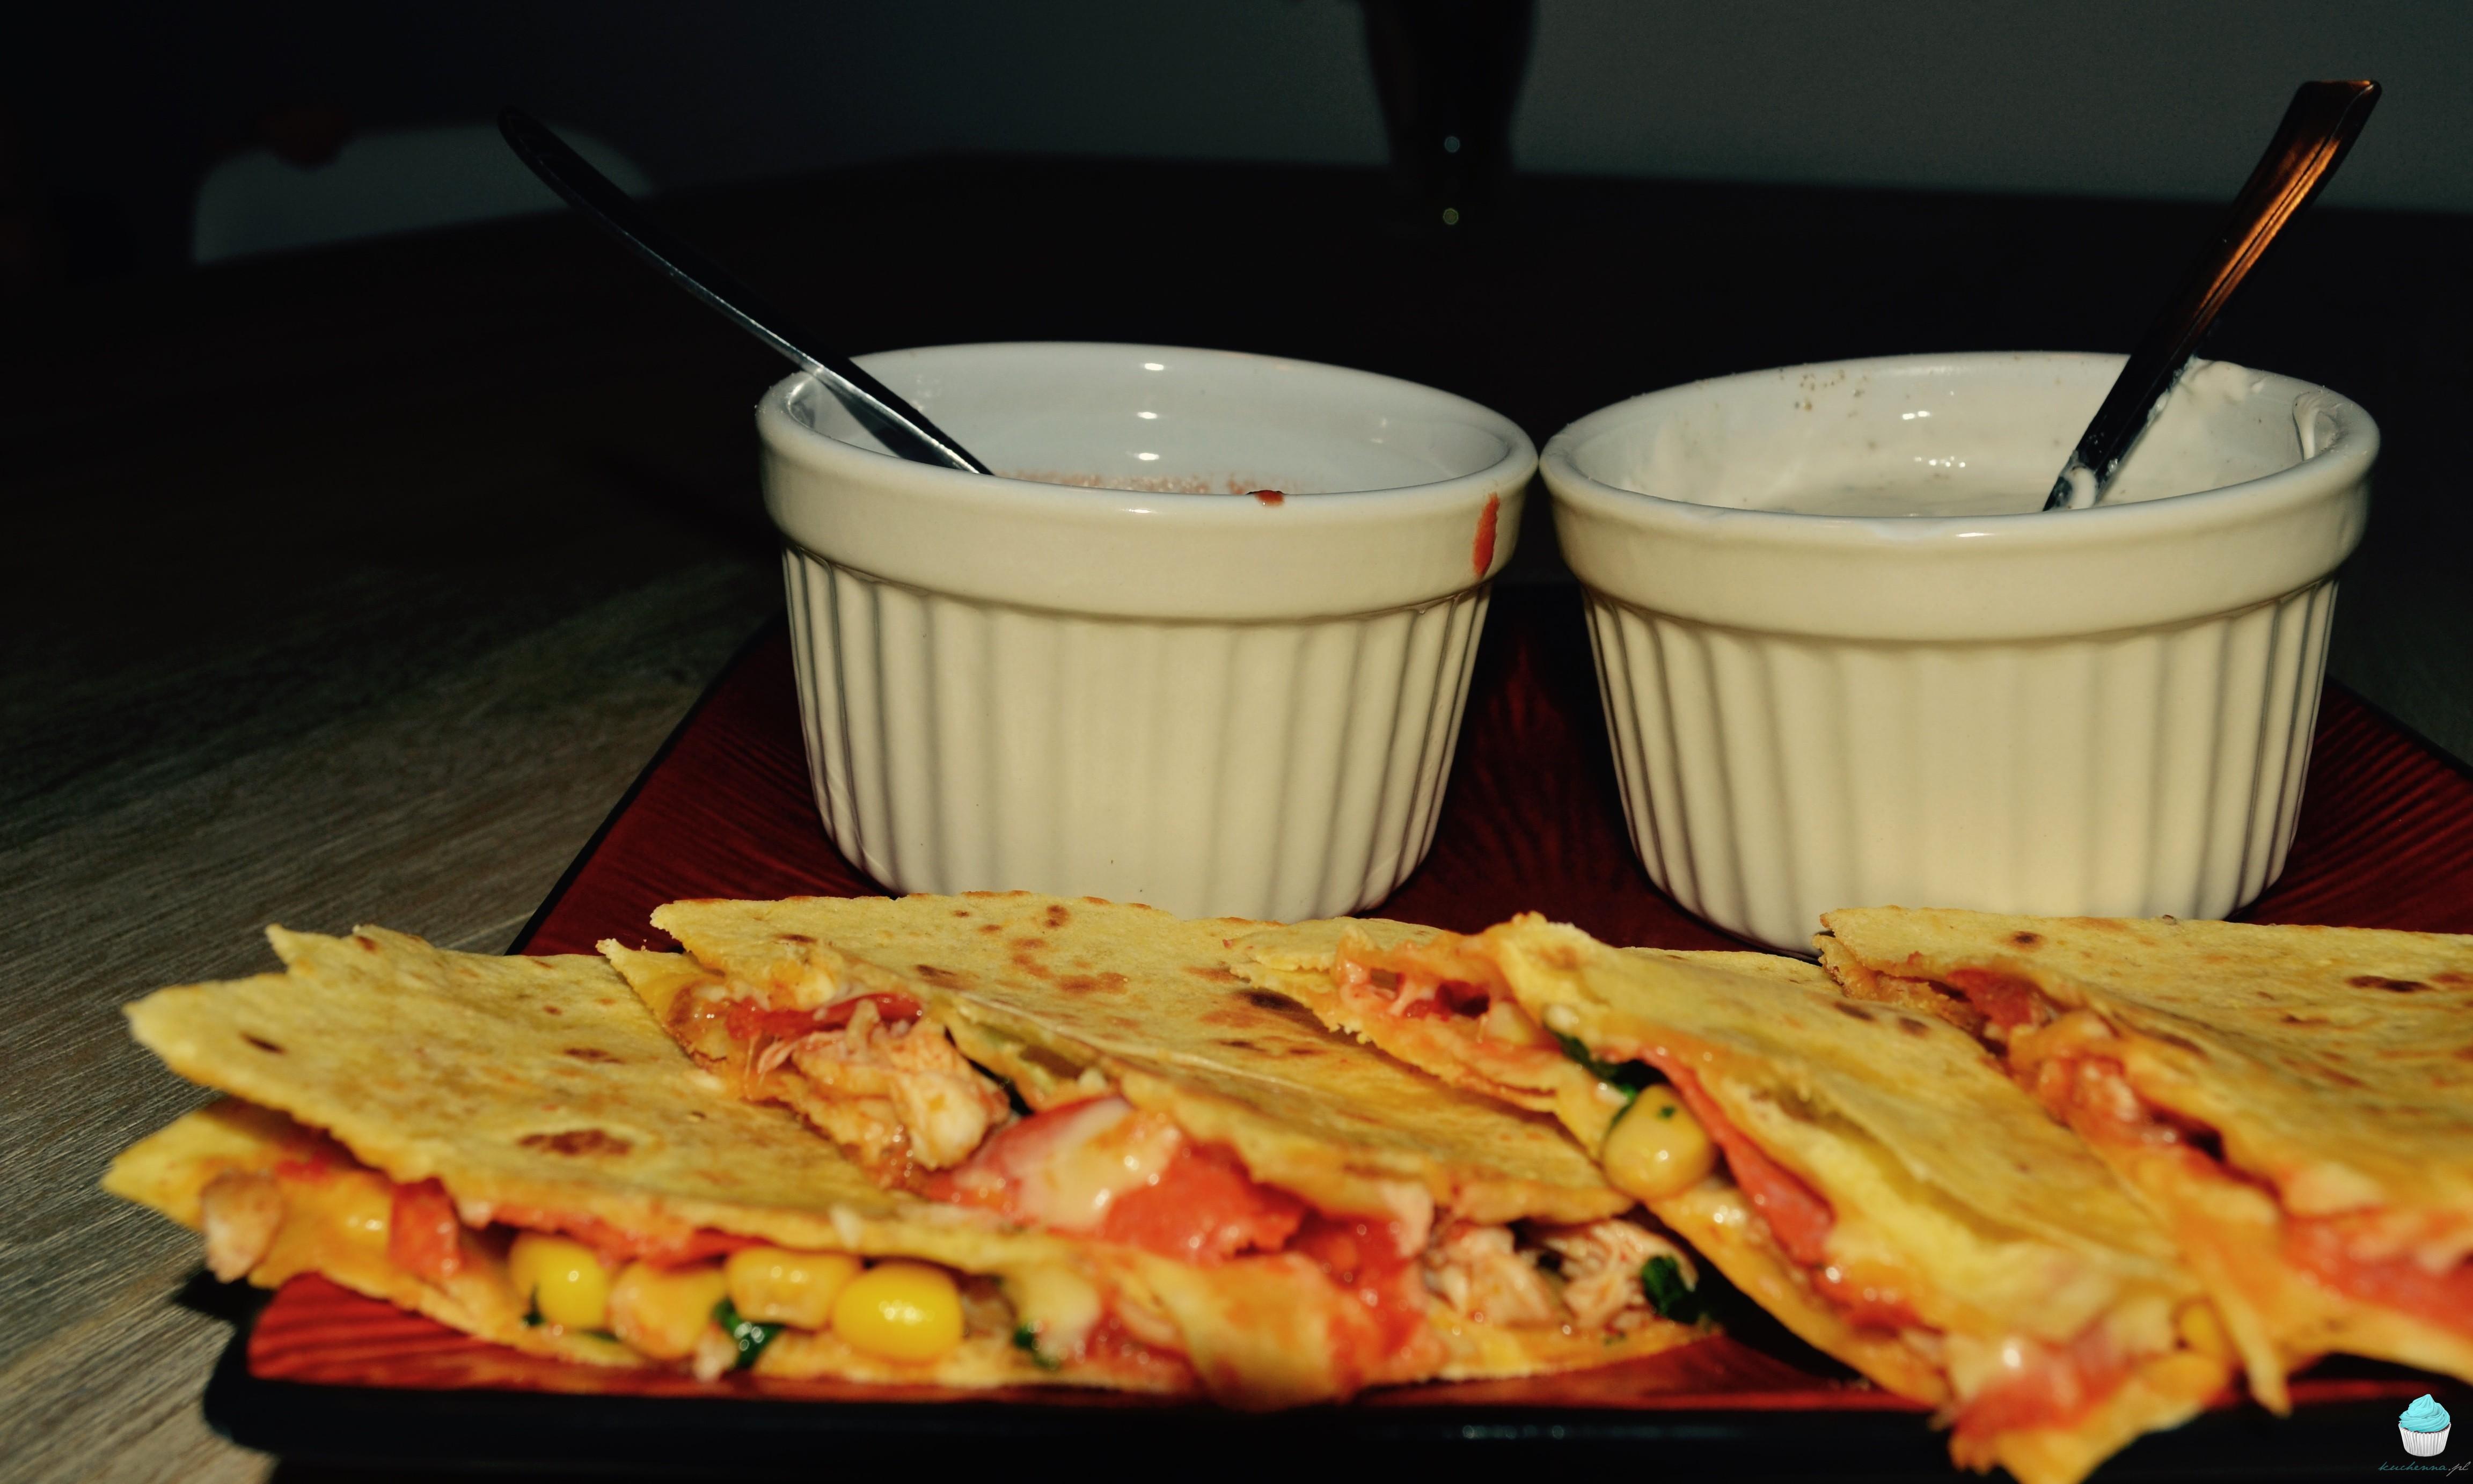 Quesadillas z kurczakiem oraz salsą śmietanową i pomidorową